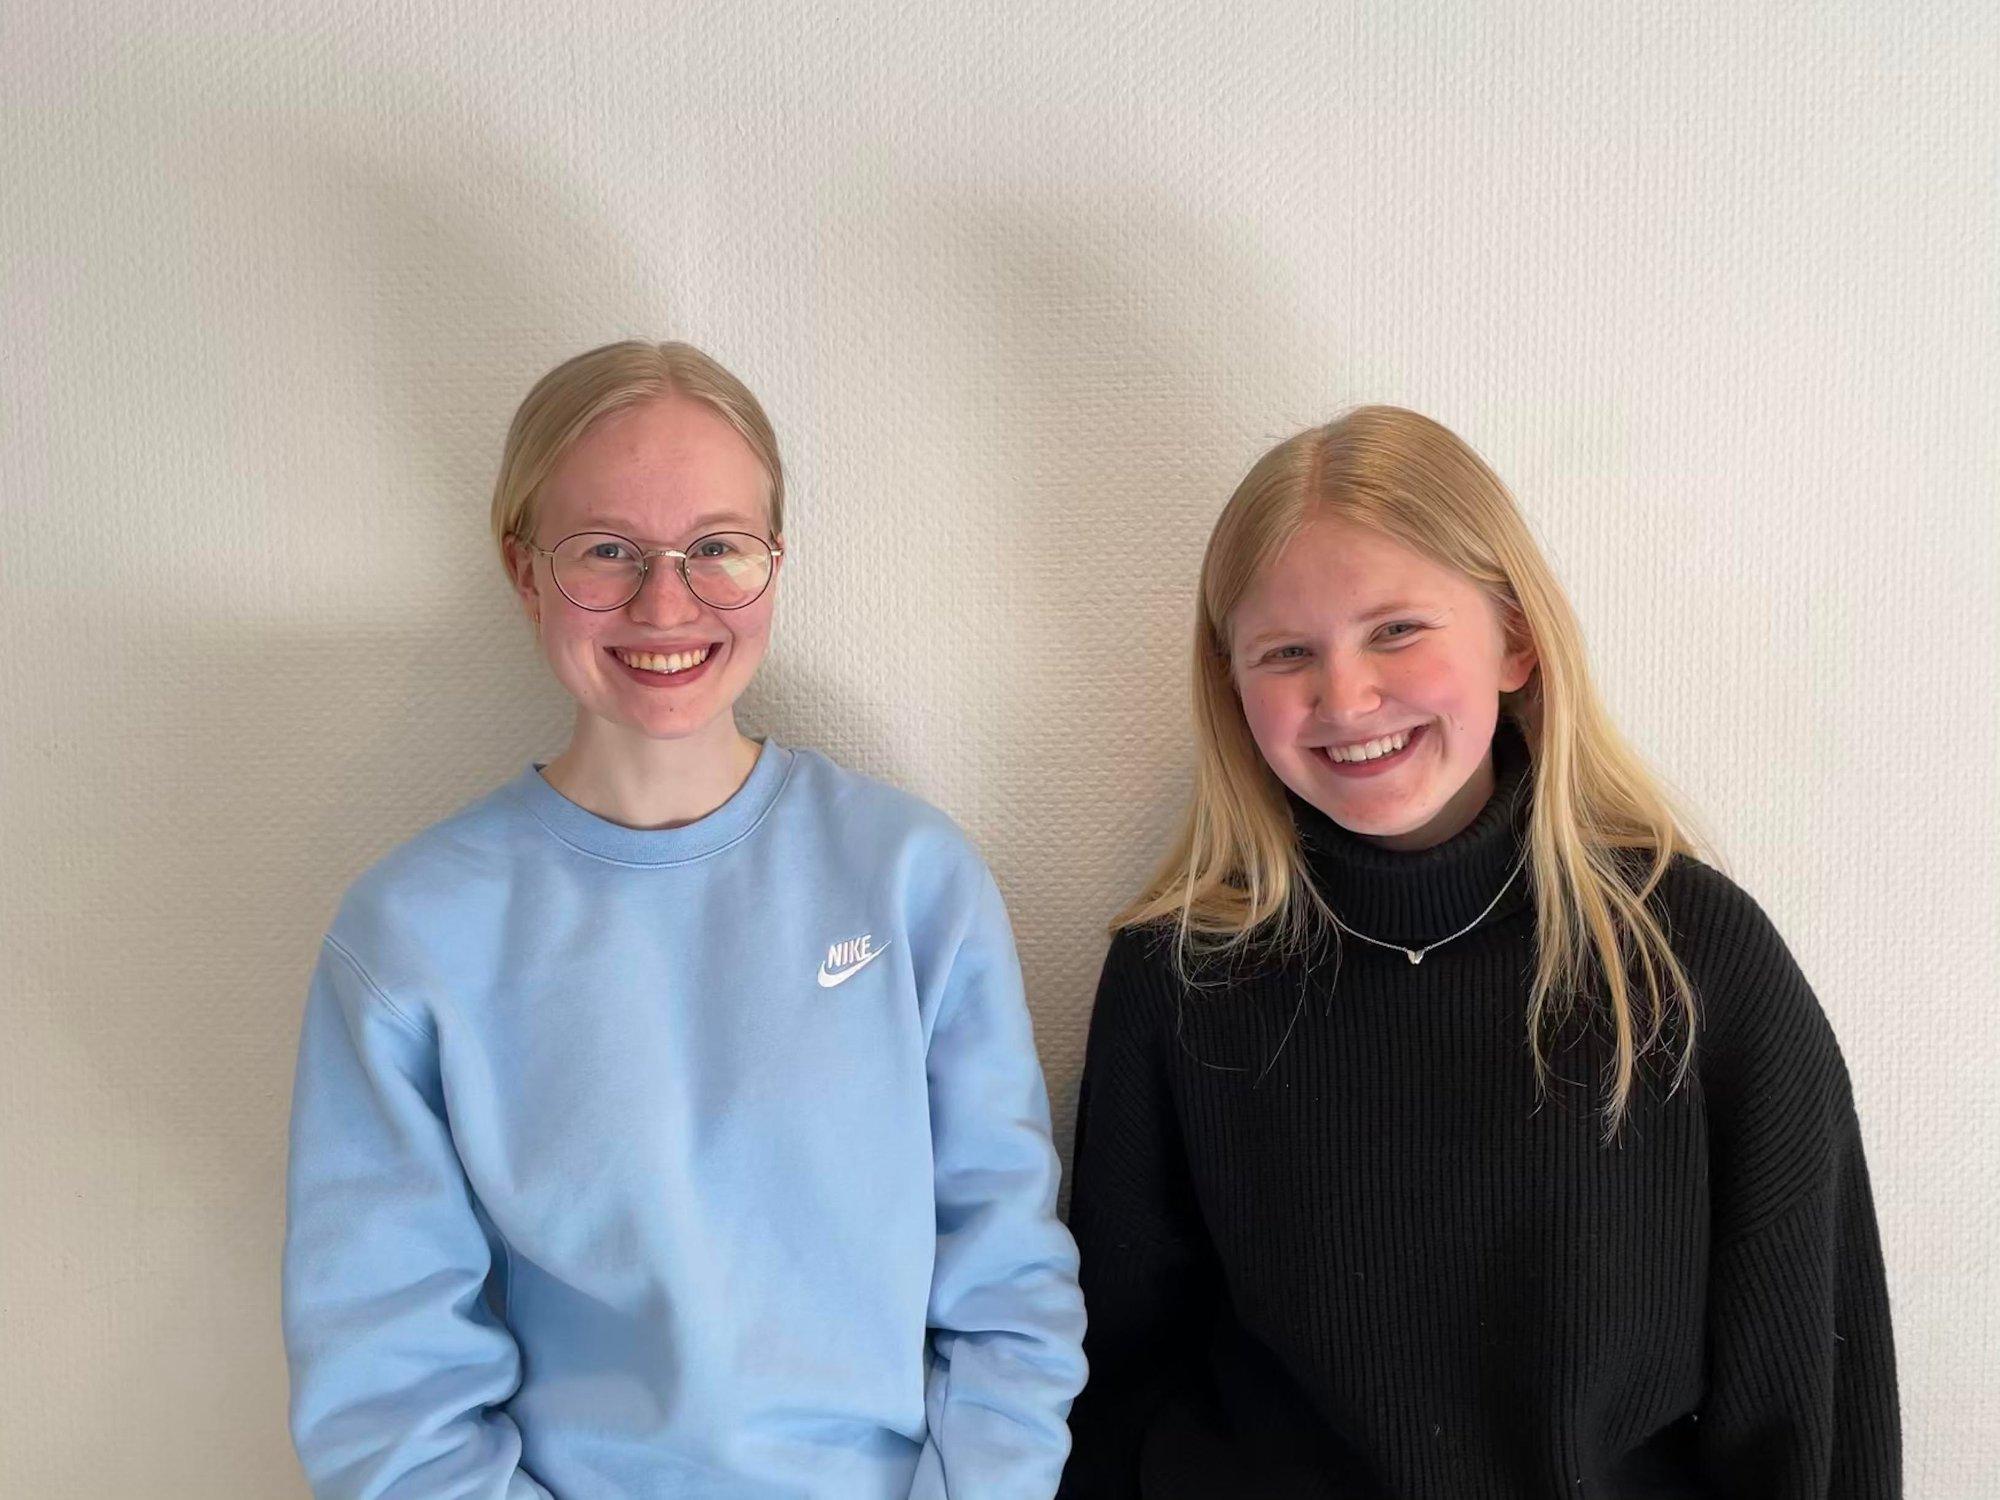 (+) Hege (18) og Johanne (17) kjemper om en plass i europeisk finale – nå kan du stemme på videoen deres